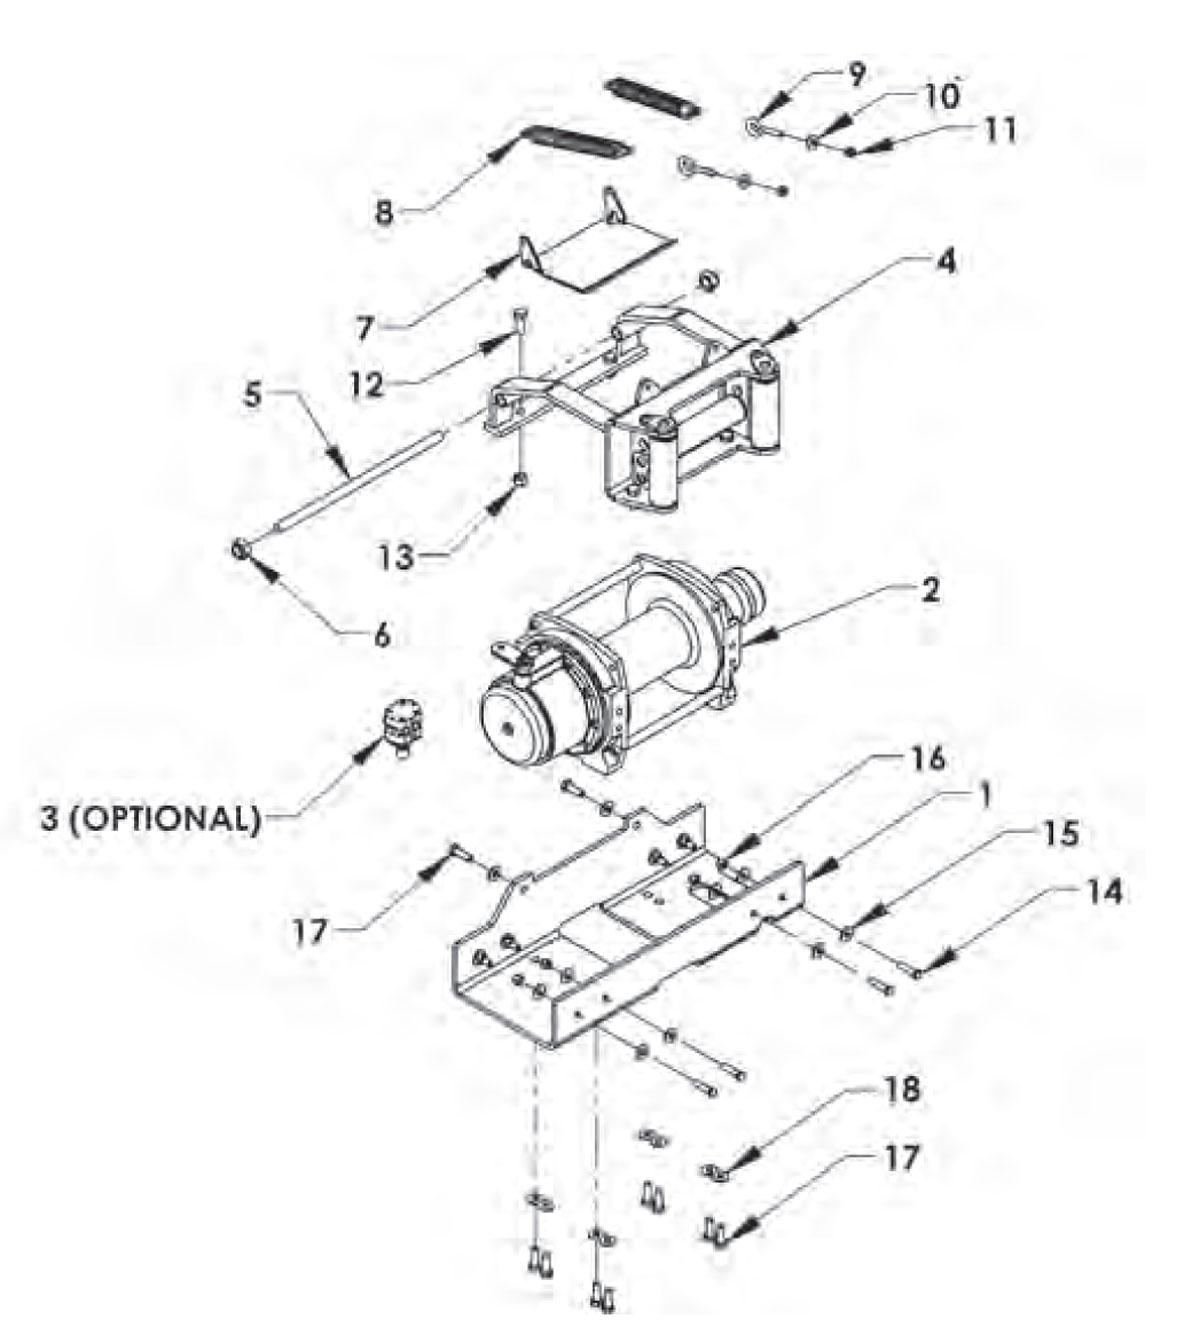 quadratec winch wiring diagram   30 wiring diagram images